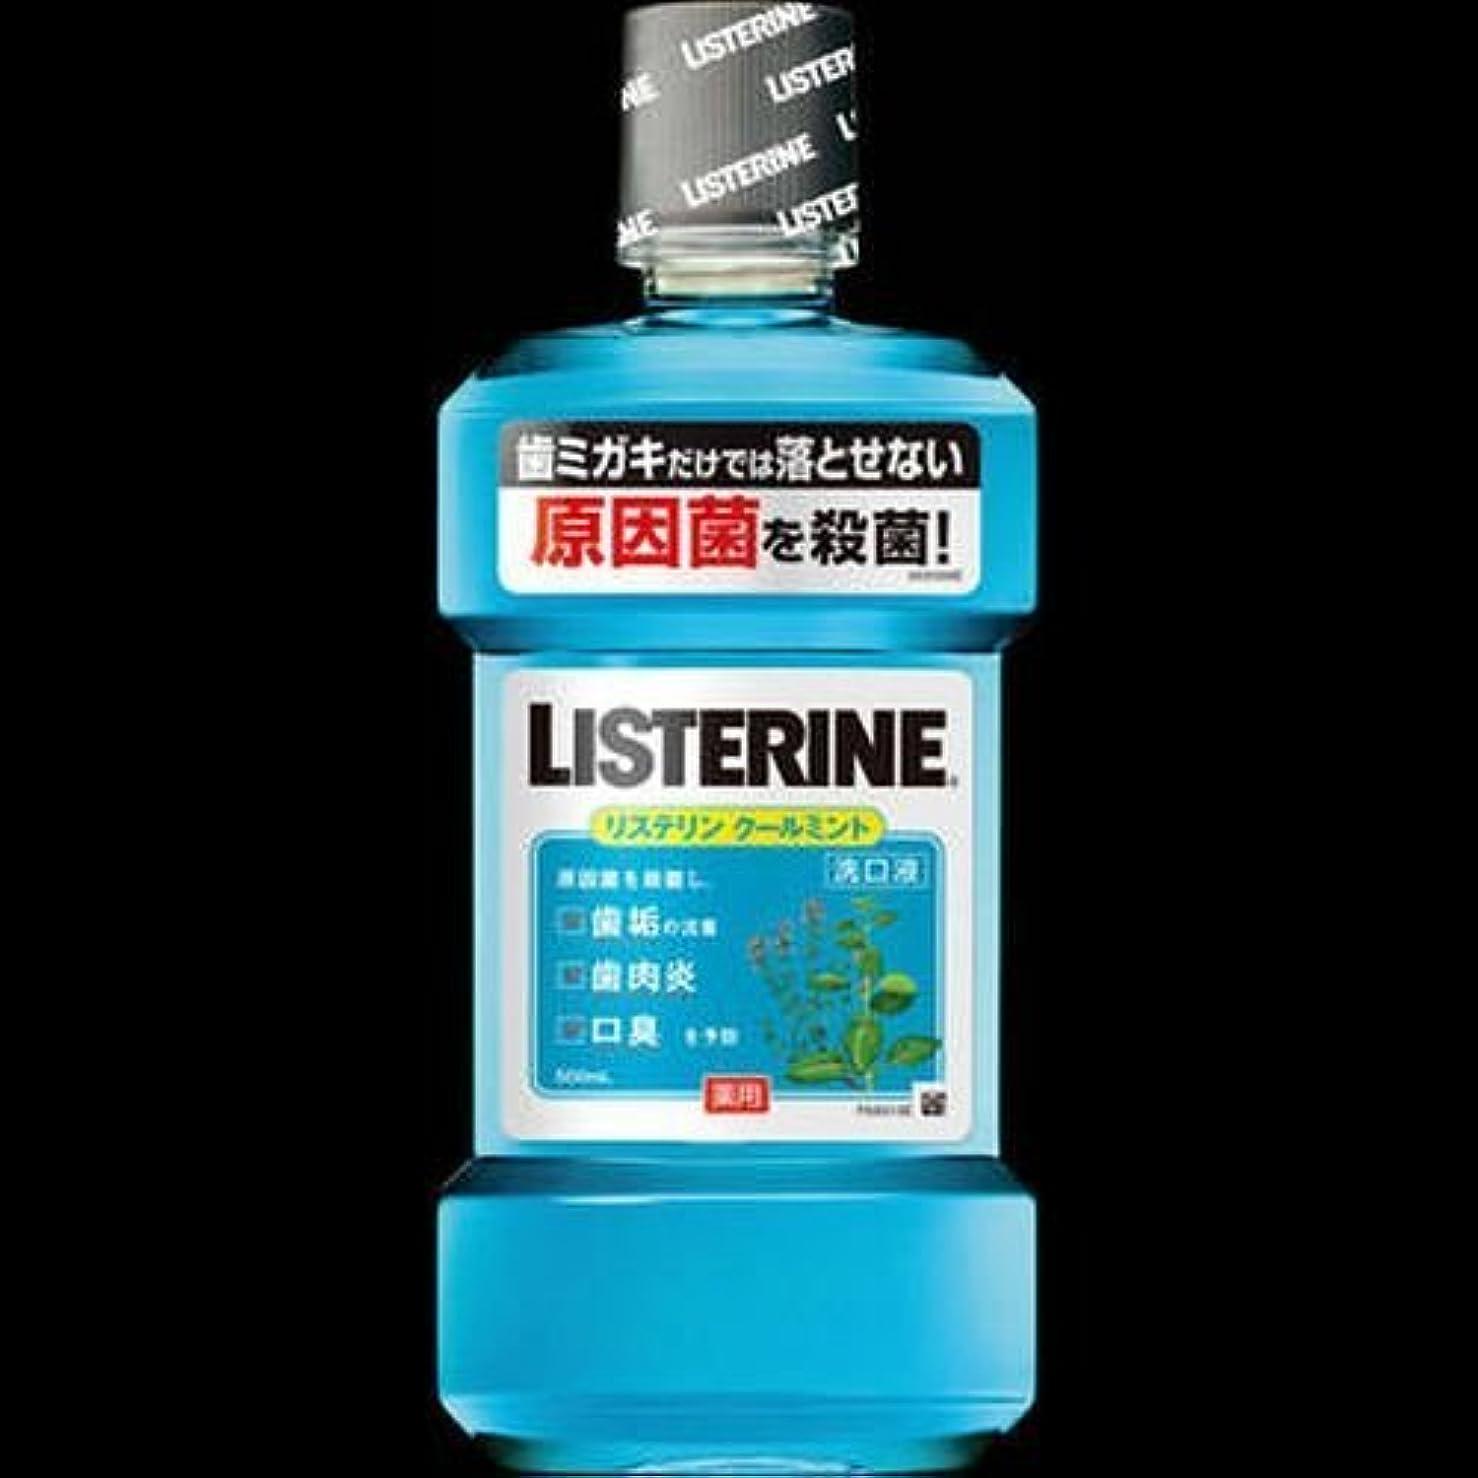 故障中バッテリーエンティティ【まとめ買い】薬用リステリン クールミント 500ml ×2セット